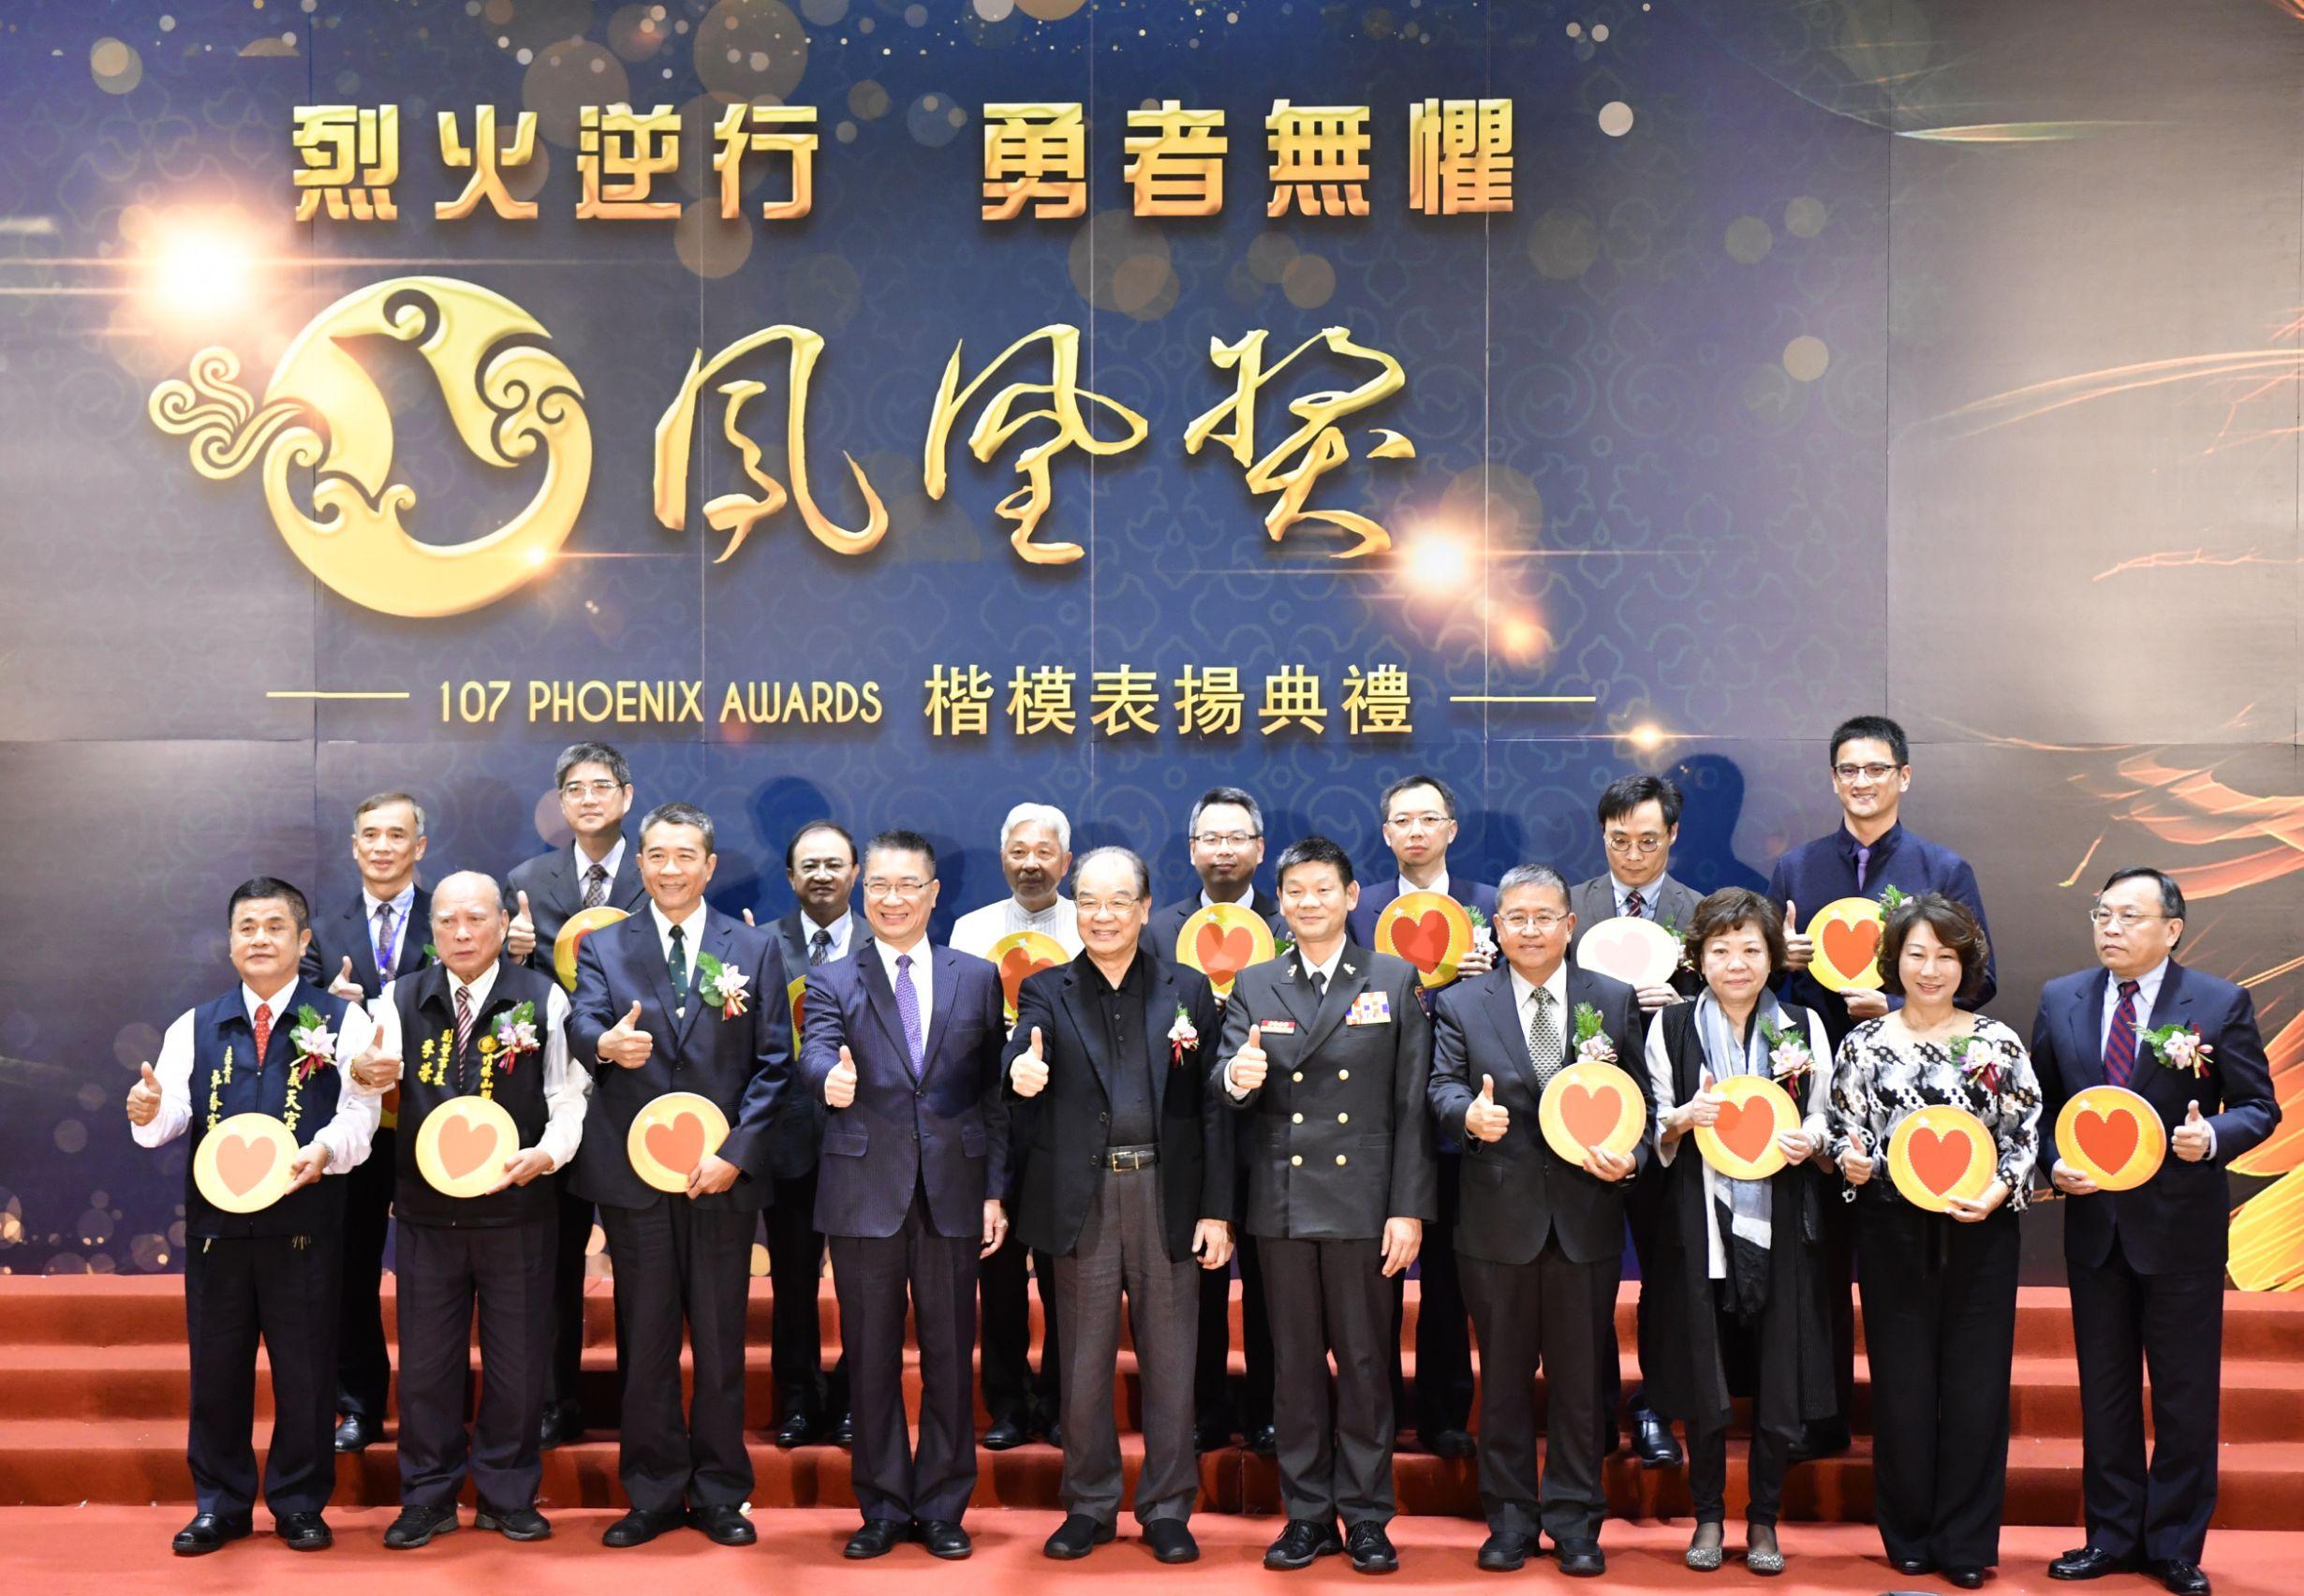 內政部長徐國勇(前排左四)與獲獎者合影